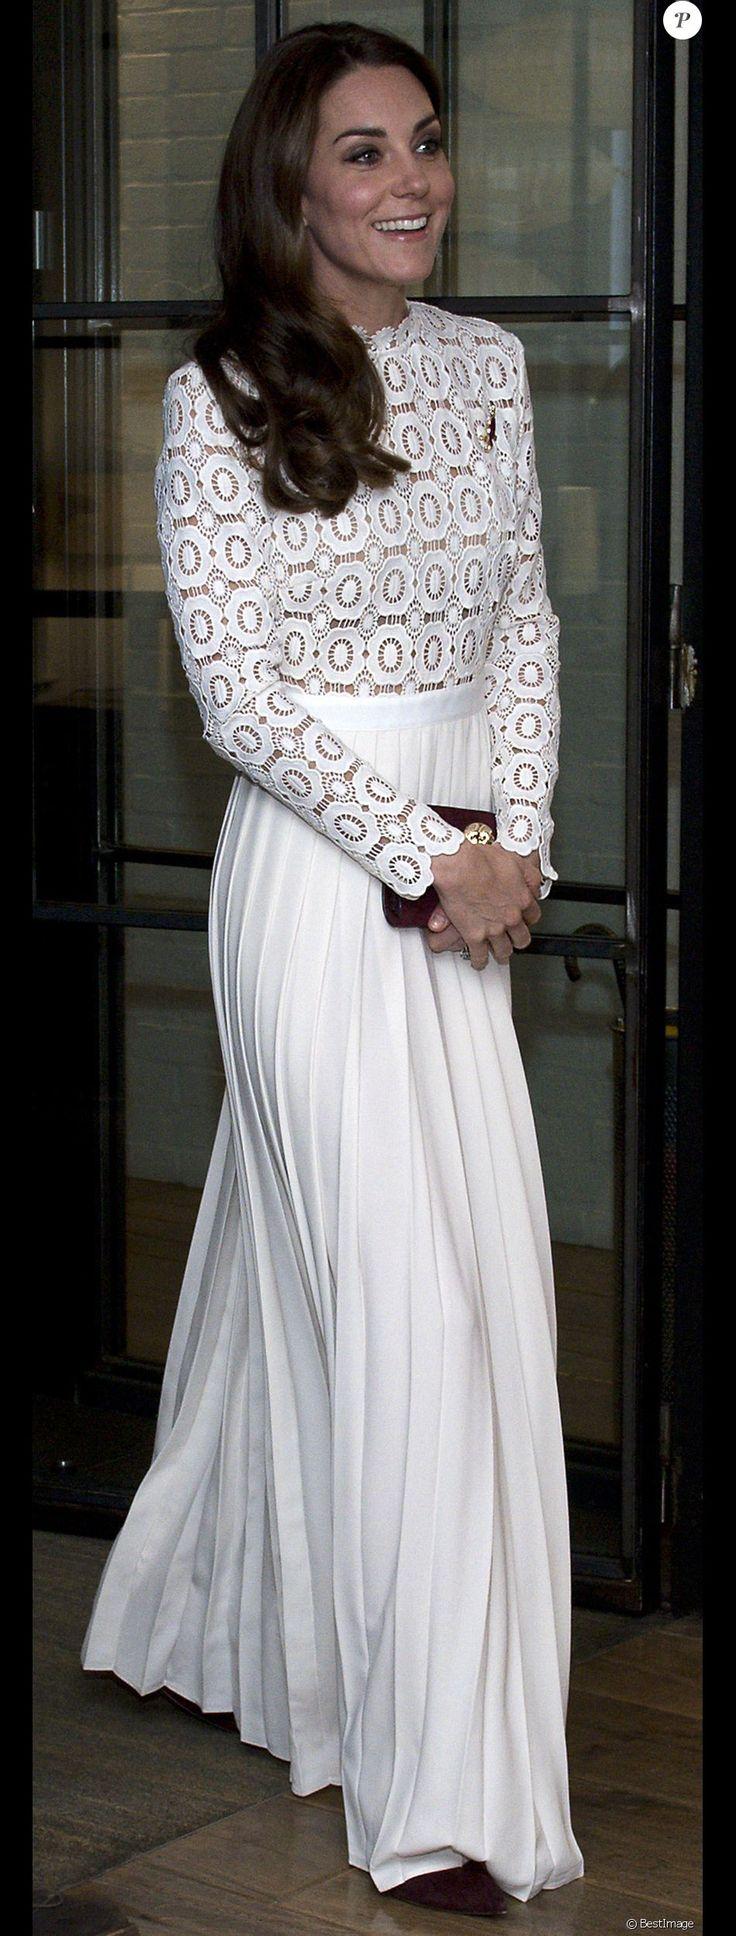 Kate Middleton, duchesse de Cambridge, était conviée en sa qualité de marraine de l'association Action on Addiction à une projection privée de courts métrages réalisés par d'anciens addicts dans le cadre du Recovery Street Film Festival chez Working Title, à Londres le 3 novembre 2016.